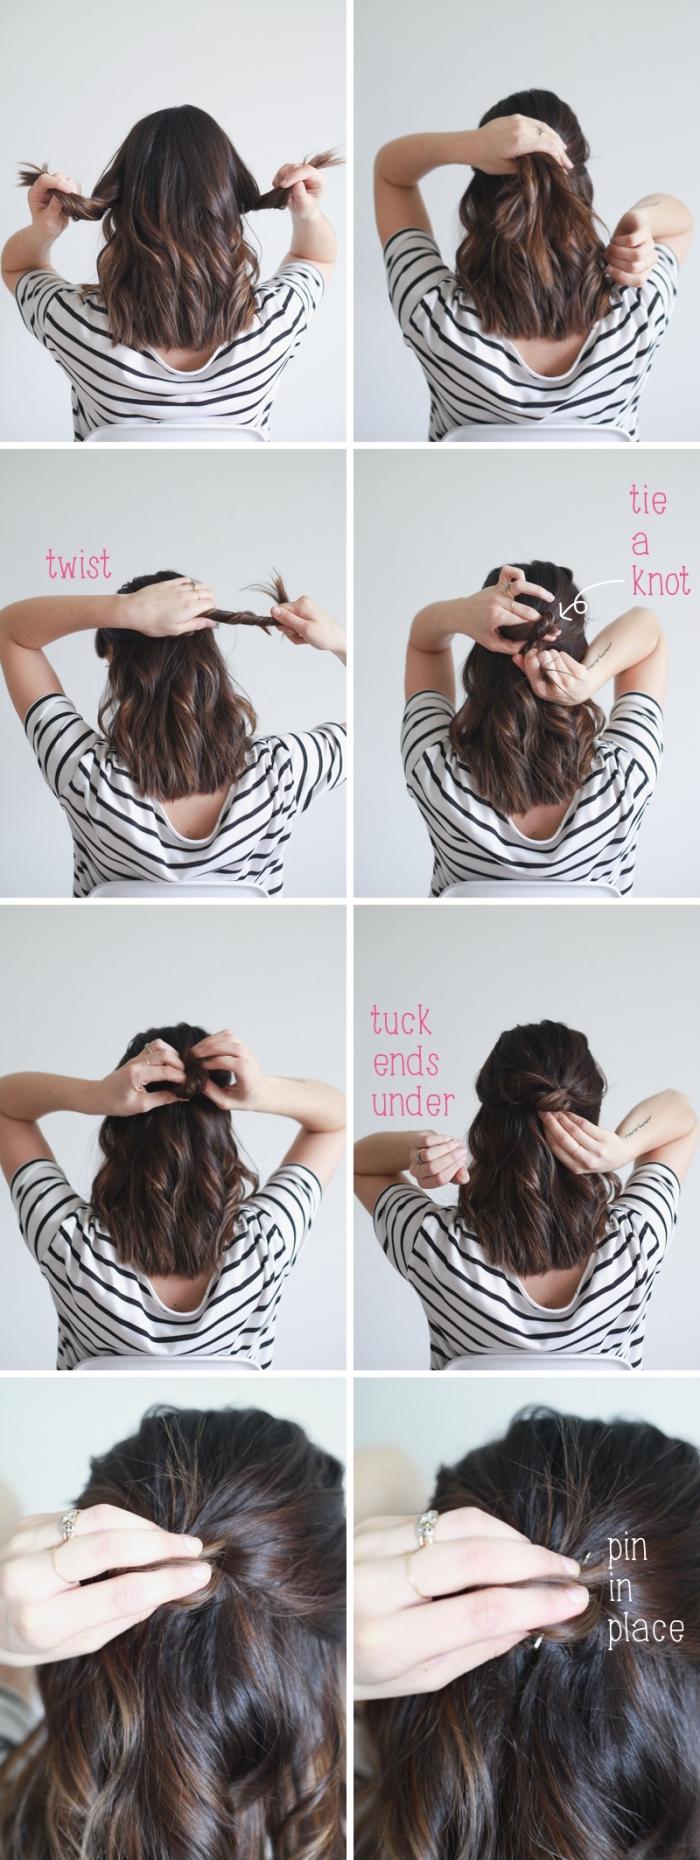 pas à pas coiffure cheveux mi longs, tutoriel pour coiffure facile et rapide, exemple de coiffure cheveux lâchés, tuto coiffure cheveux mi long facile et rapide